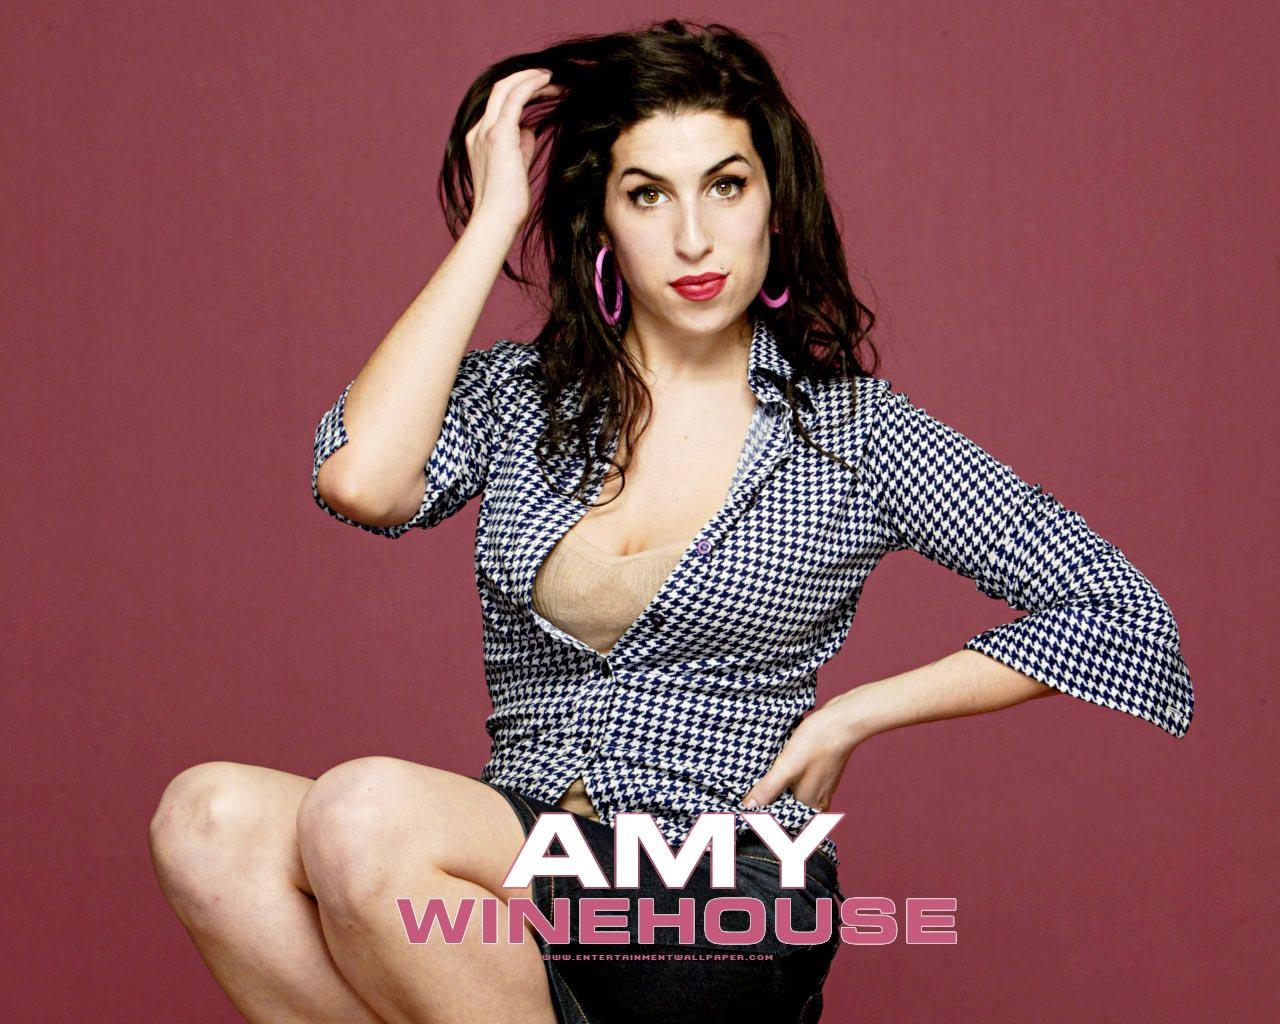 http://3.bp.blogspot.com/-pyEqyEVuiQU/TlaVrkm9I-I/AAAAAAAAL5Q/NShfzV0RVxw/s1600/Amy-Winehouse_01.jpg